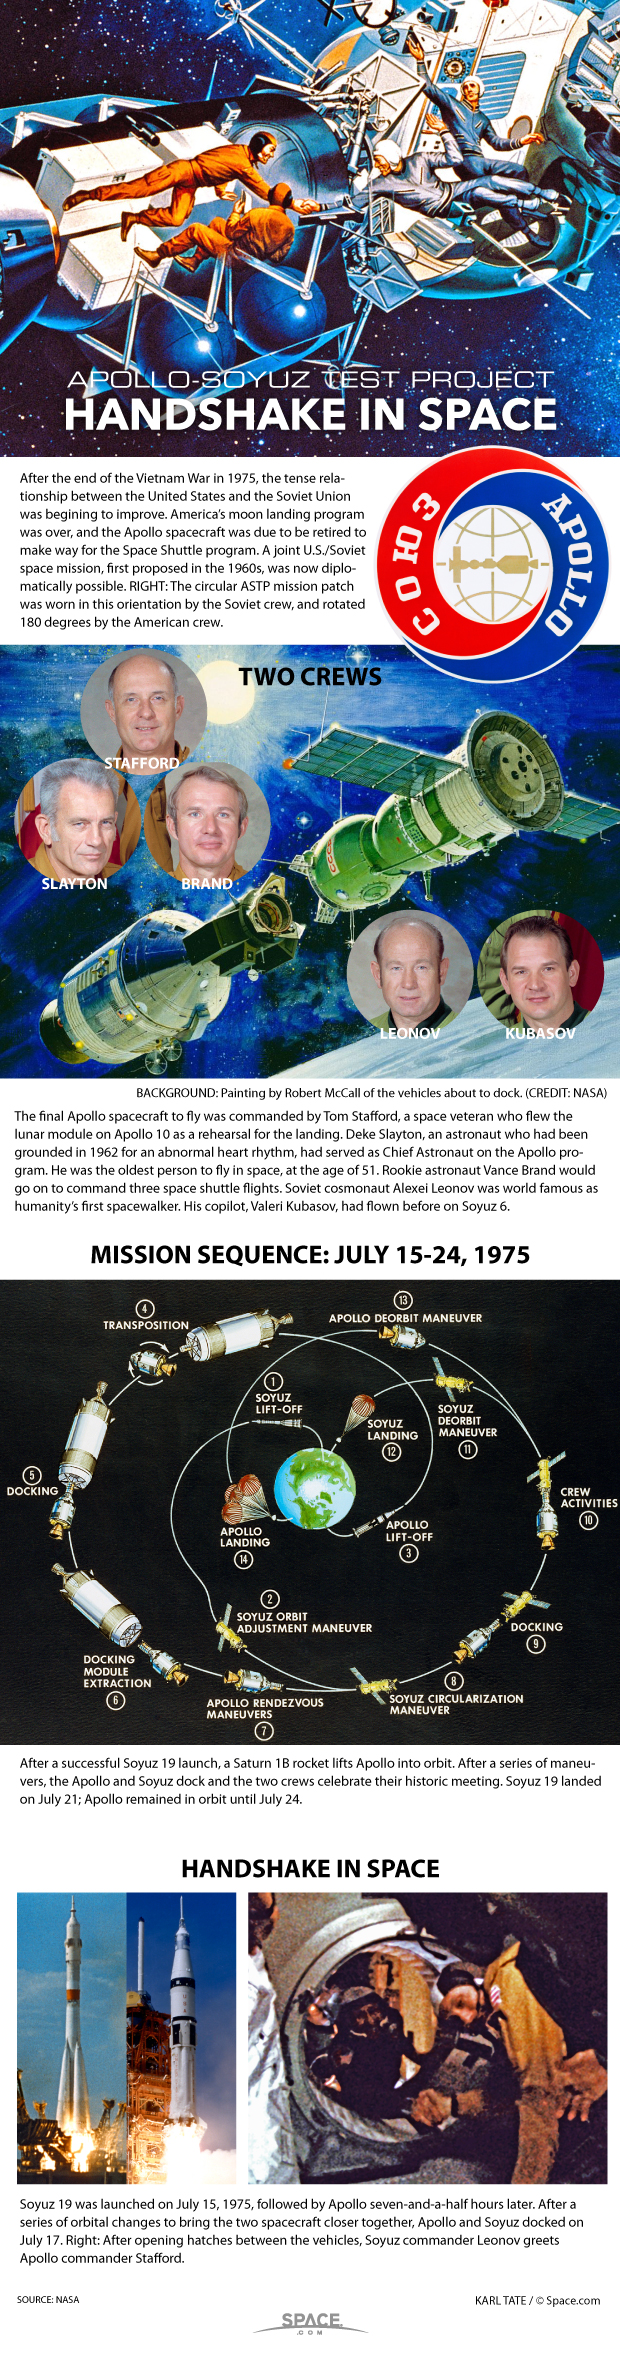 Diagrams explain the 1975 Apollo-Soyuz space mission.